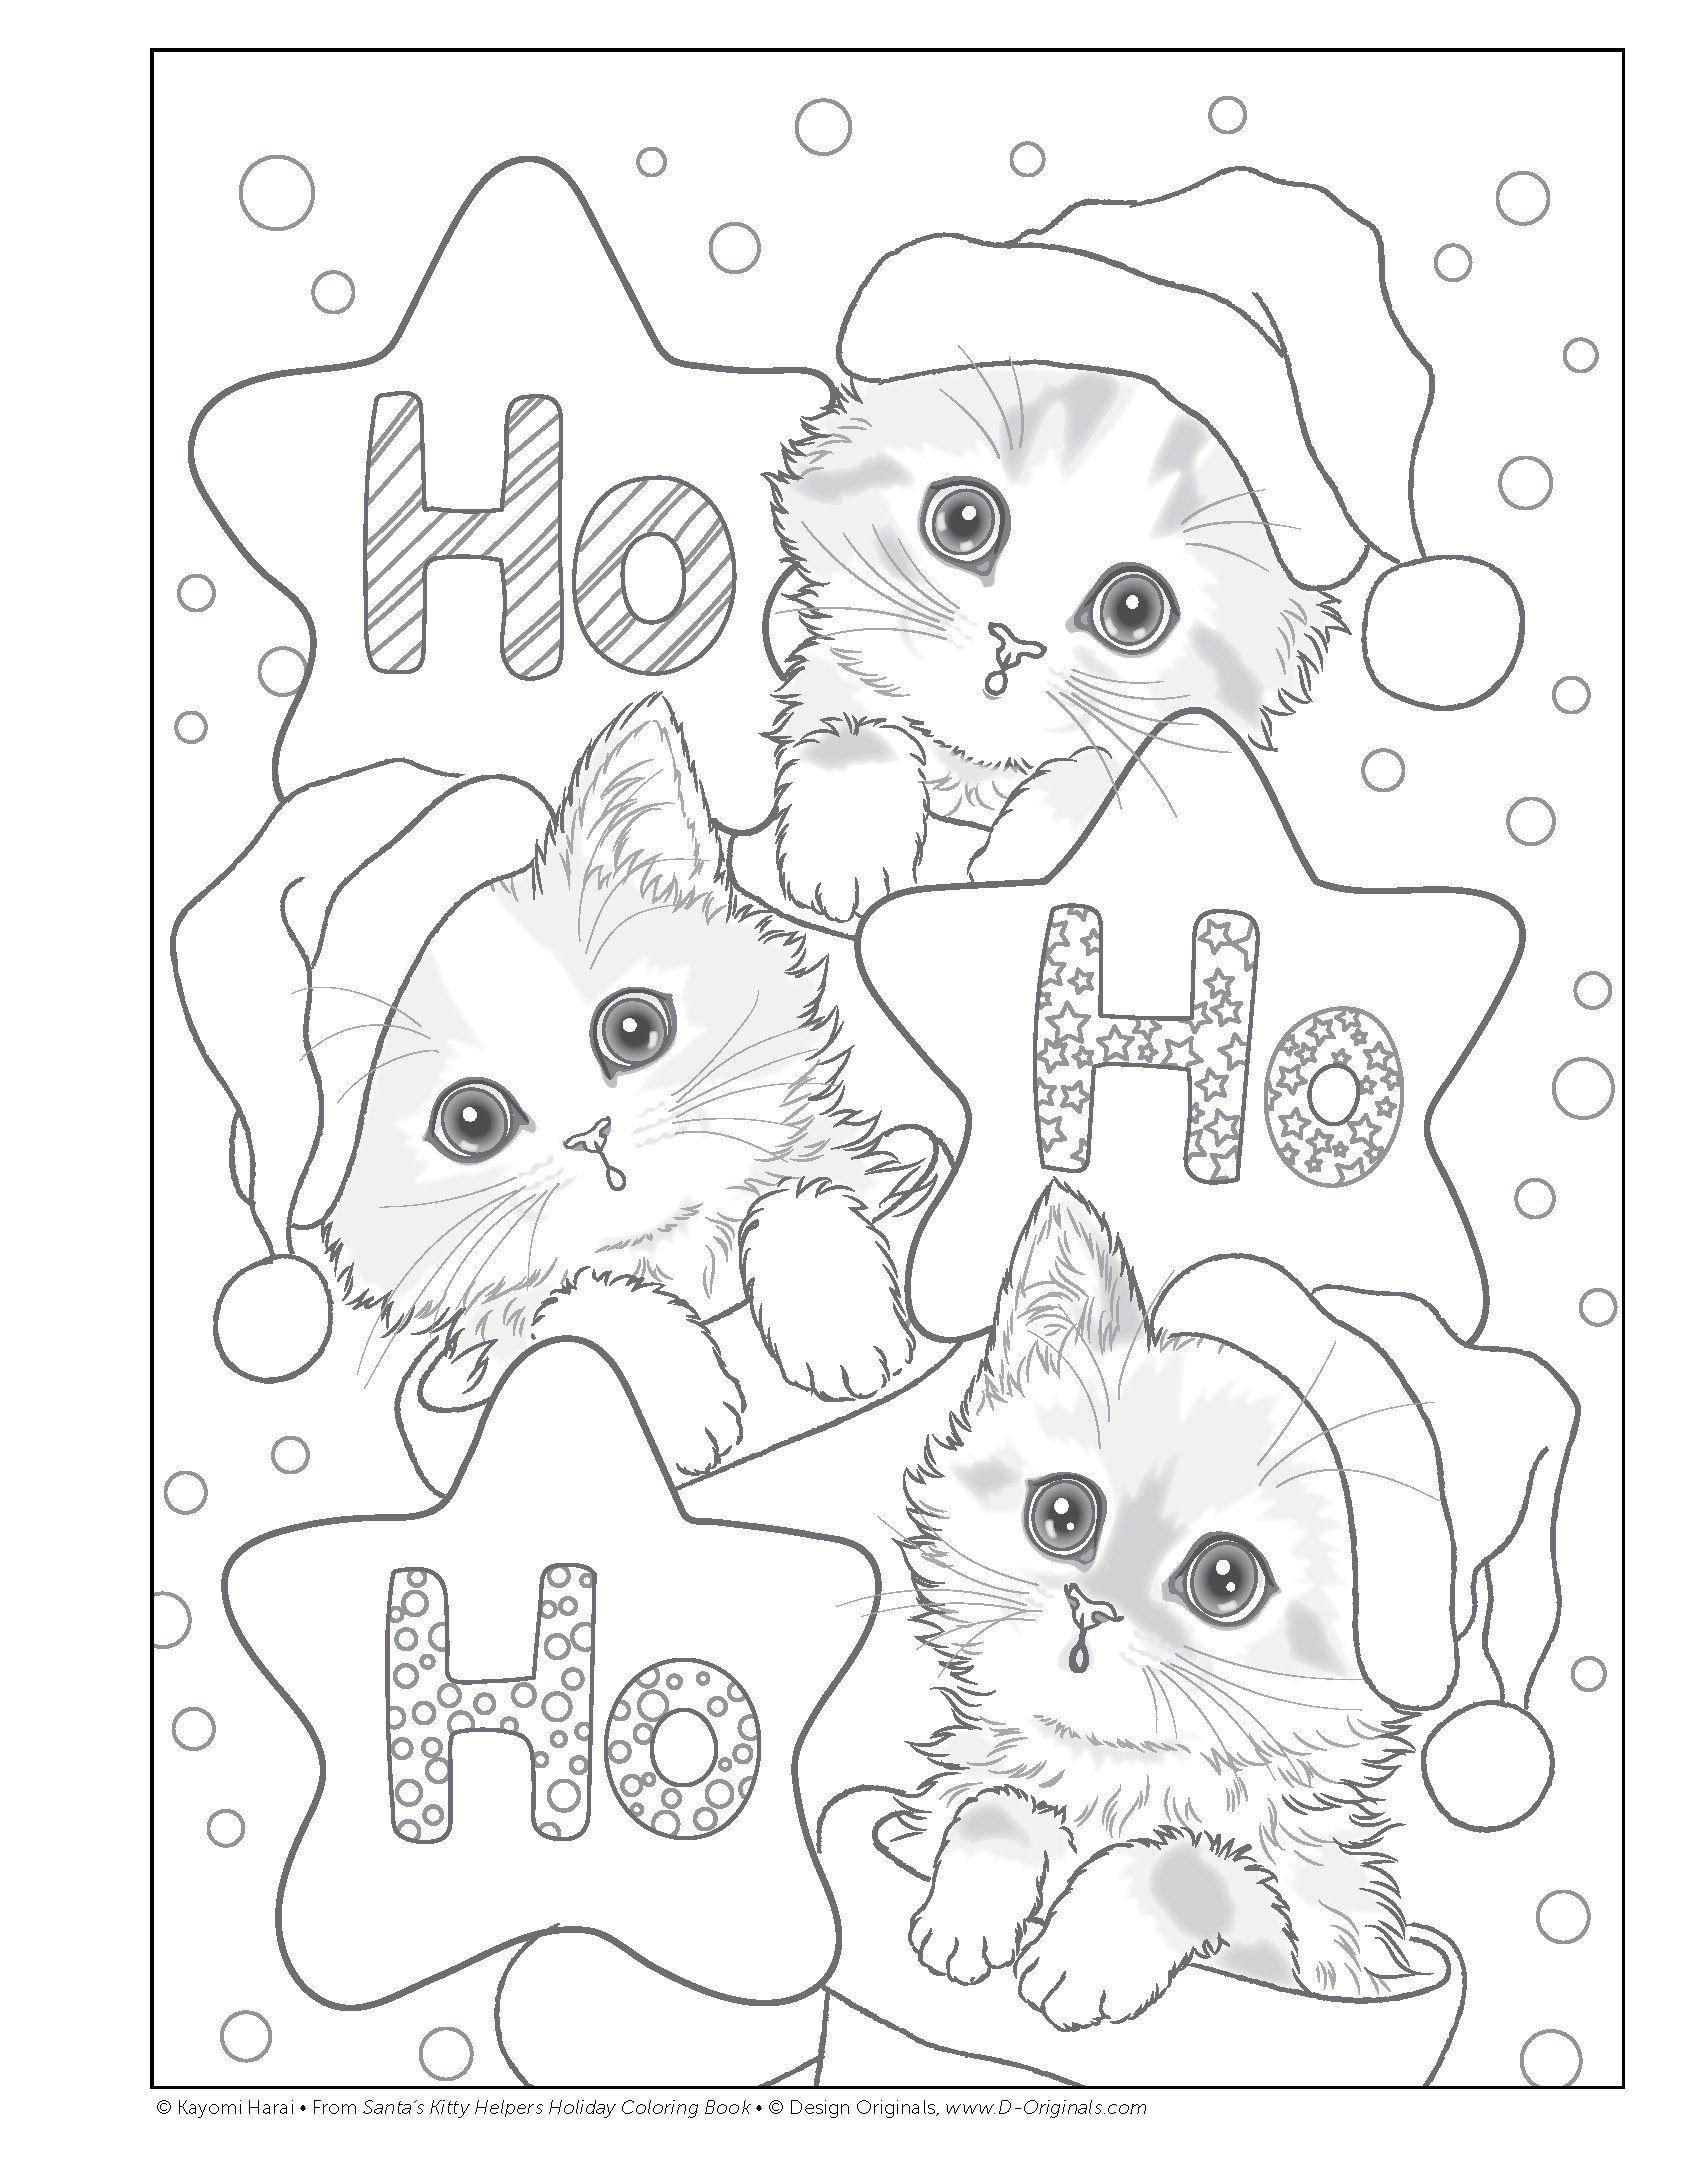 Santa S Kitty Helpers Holiday Coloring Book Design Originals Kayomi Harai 0023863059121 Ama Holiday Coloring Book Kitty Coloring Christmas Coloring Sheets